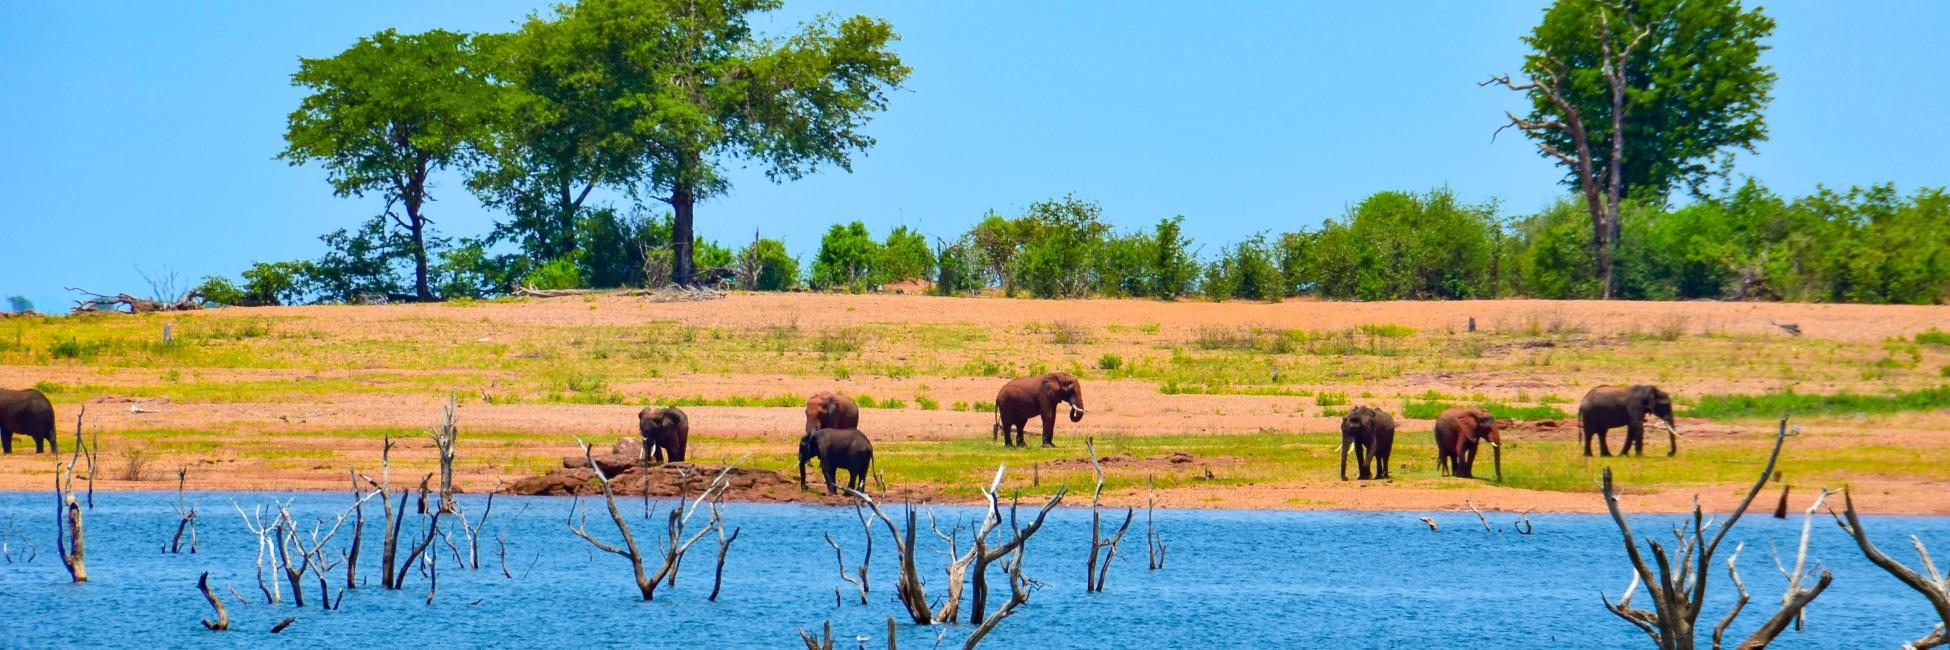 Safari matusadona en Afrique